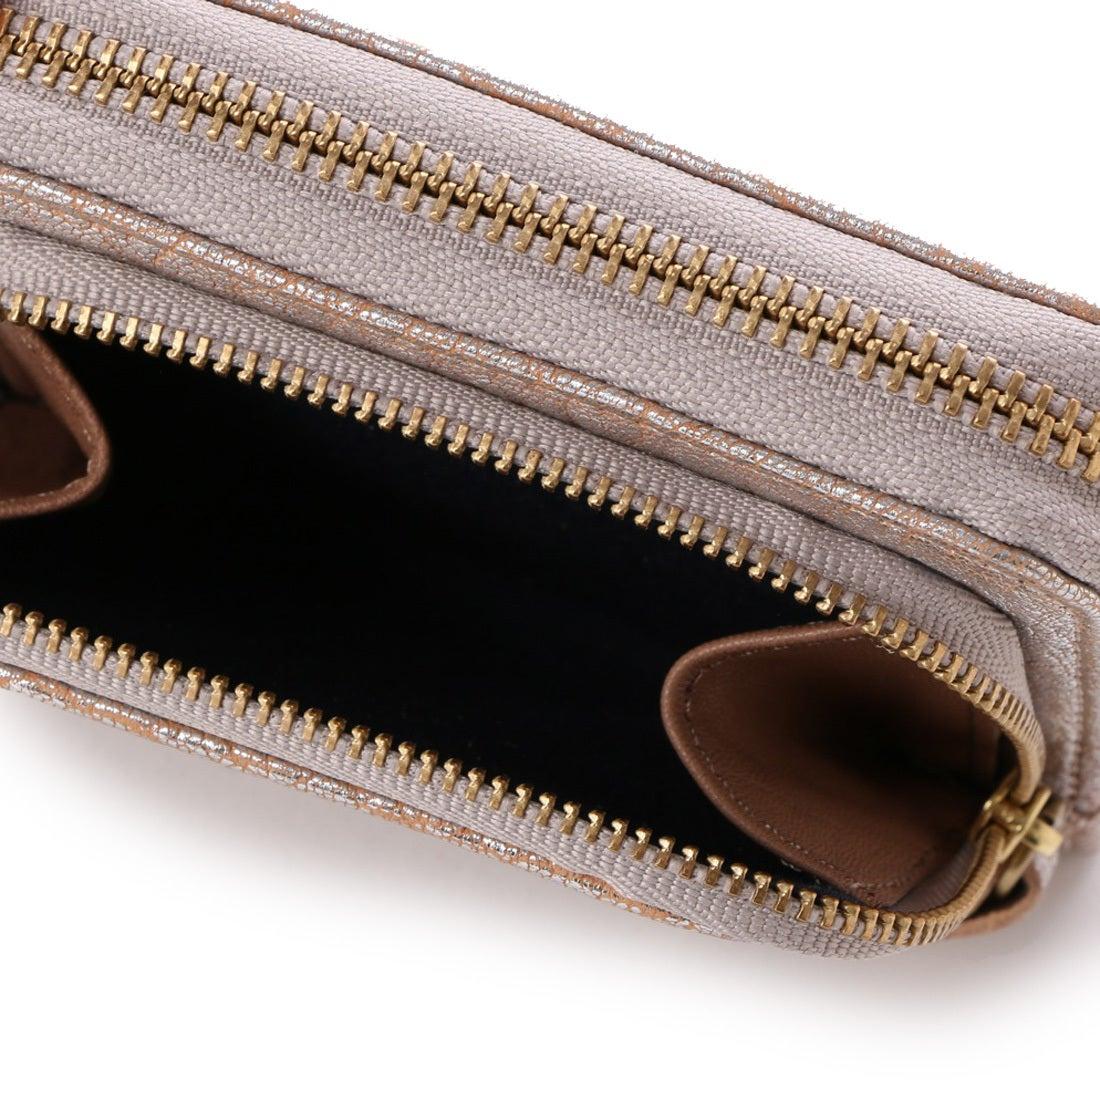 790d4318458d ペルケ (ブラック) 厚口シープタッセル付き二つ折り財布 perche